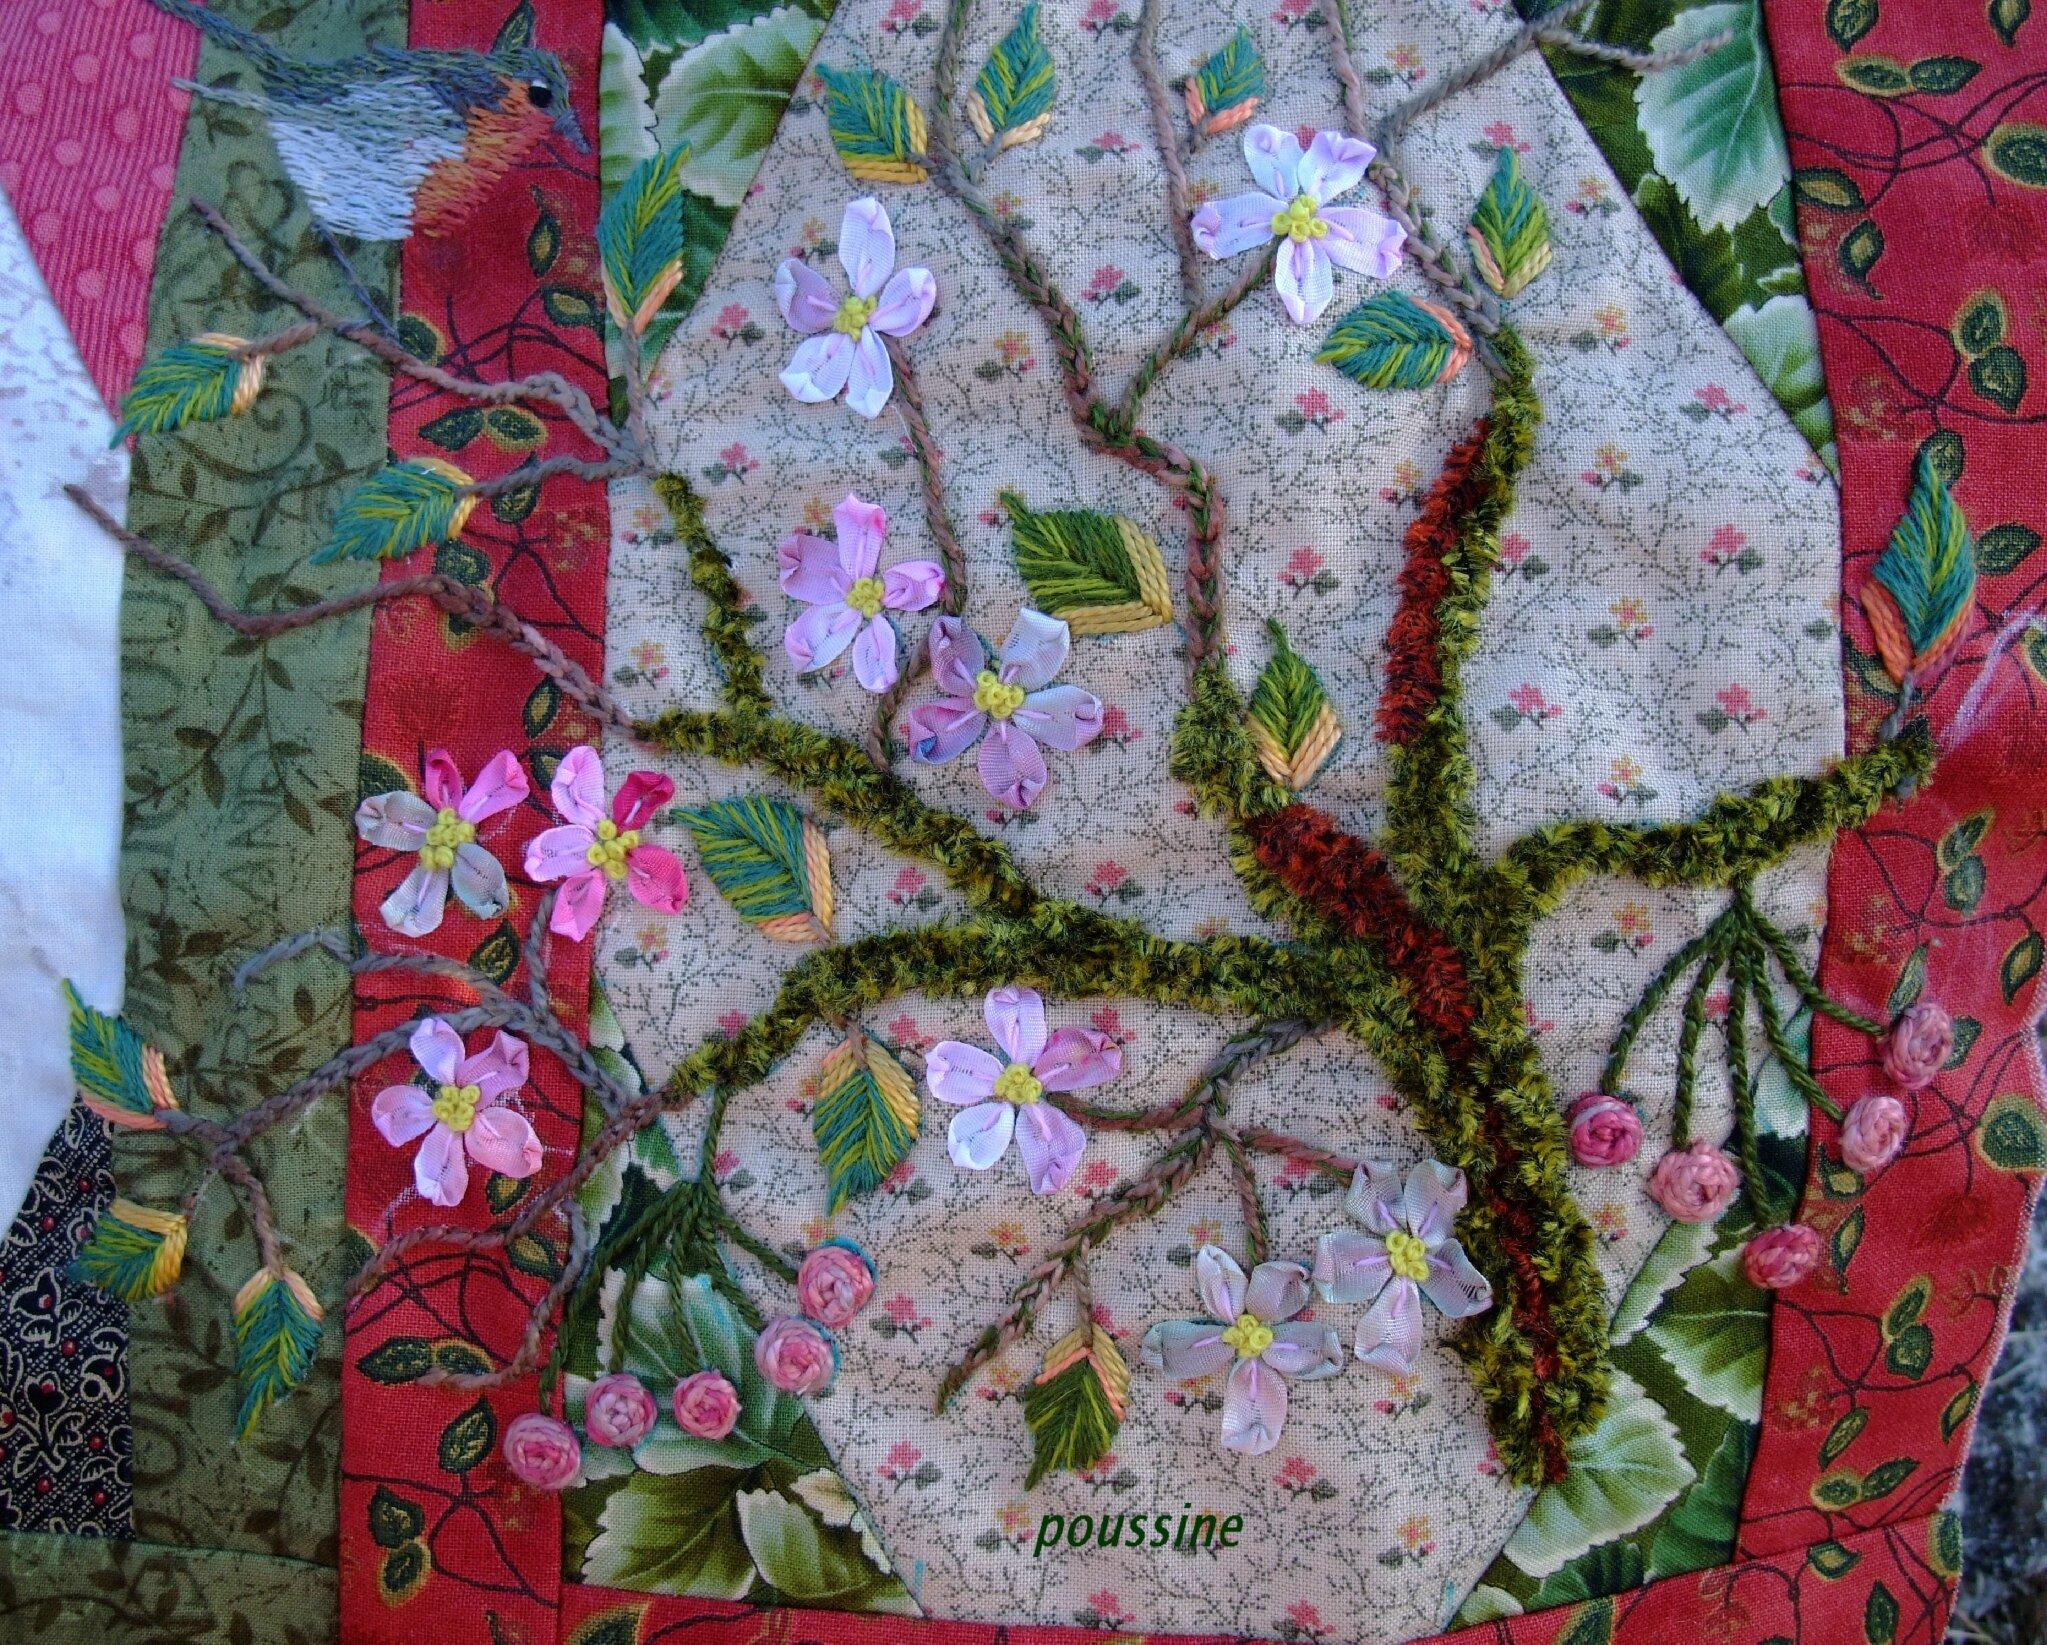 flowers flowers-pommier